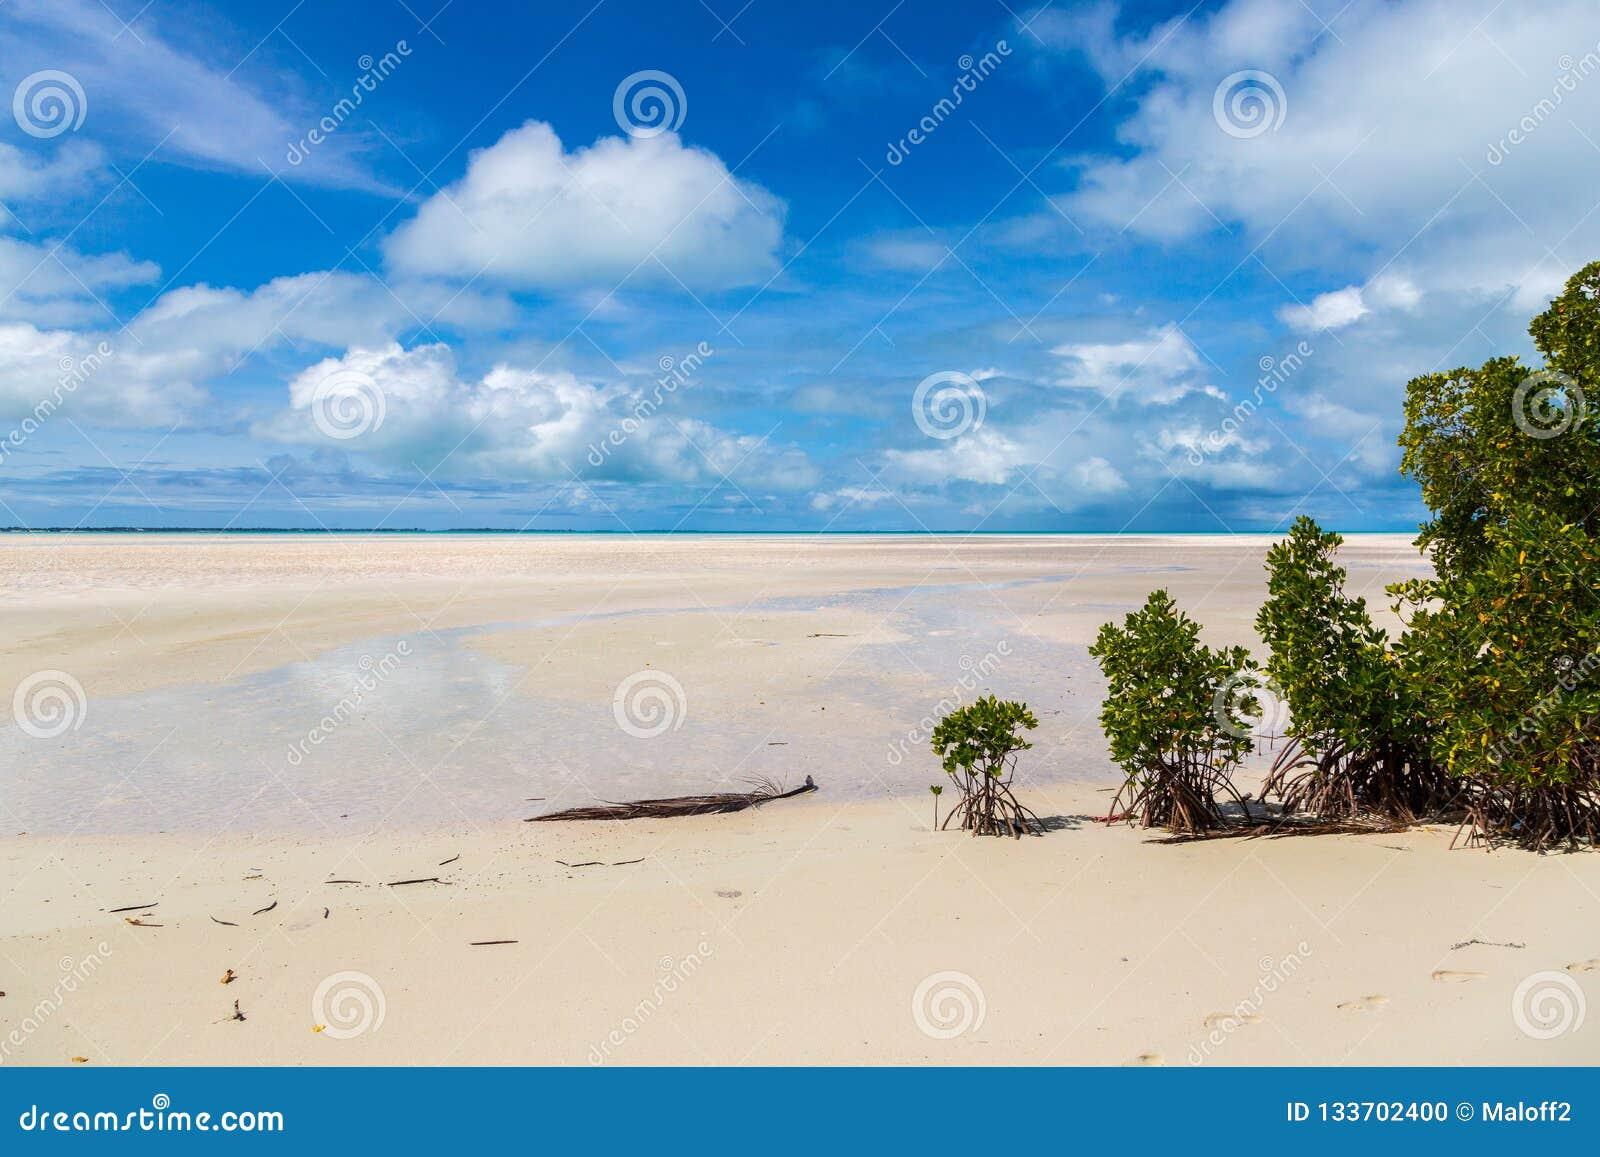 Sandig paradisstrand av den azura turkosblåa grunda lagun, norr Tarawa atoll, Kiribati, Gilbert Islands, Mikronesien, Oceanien